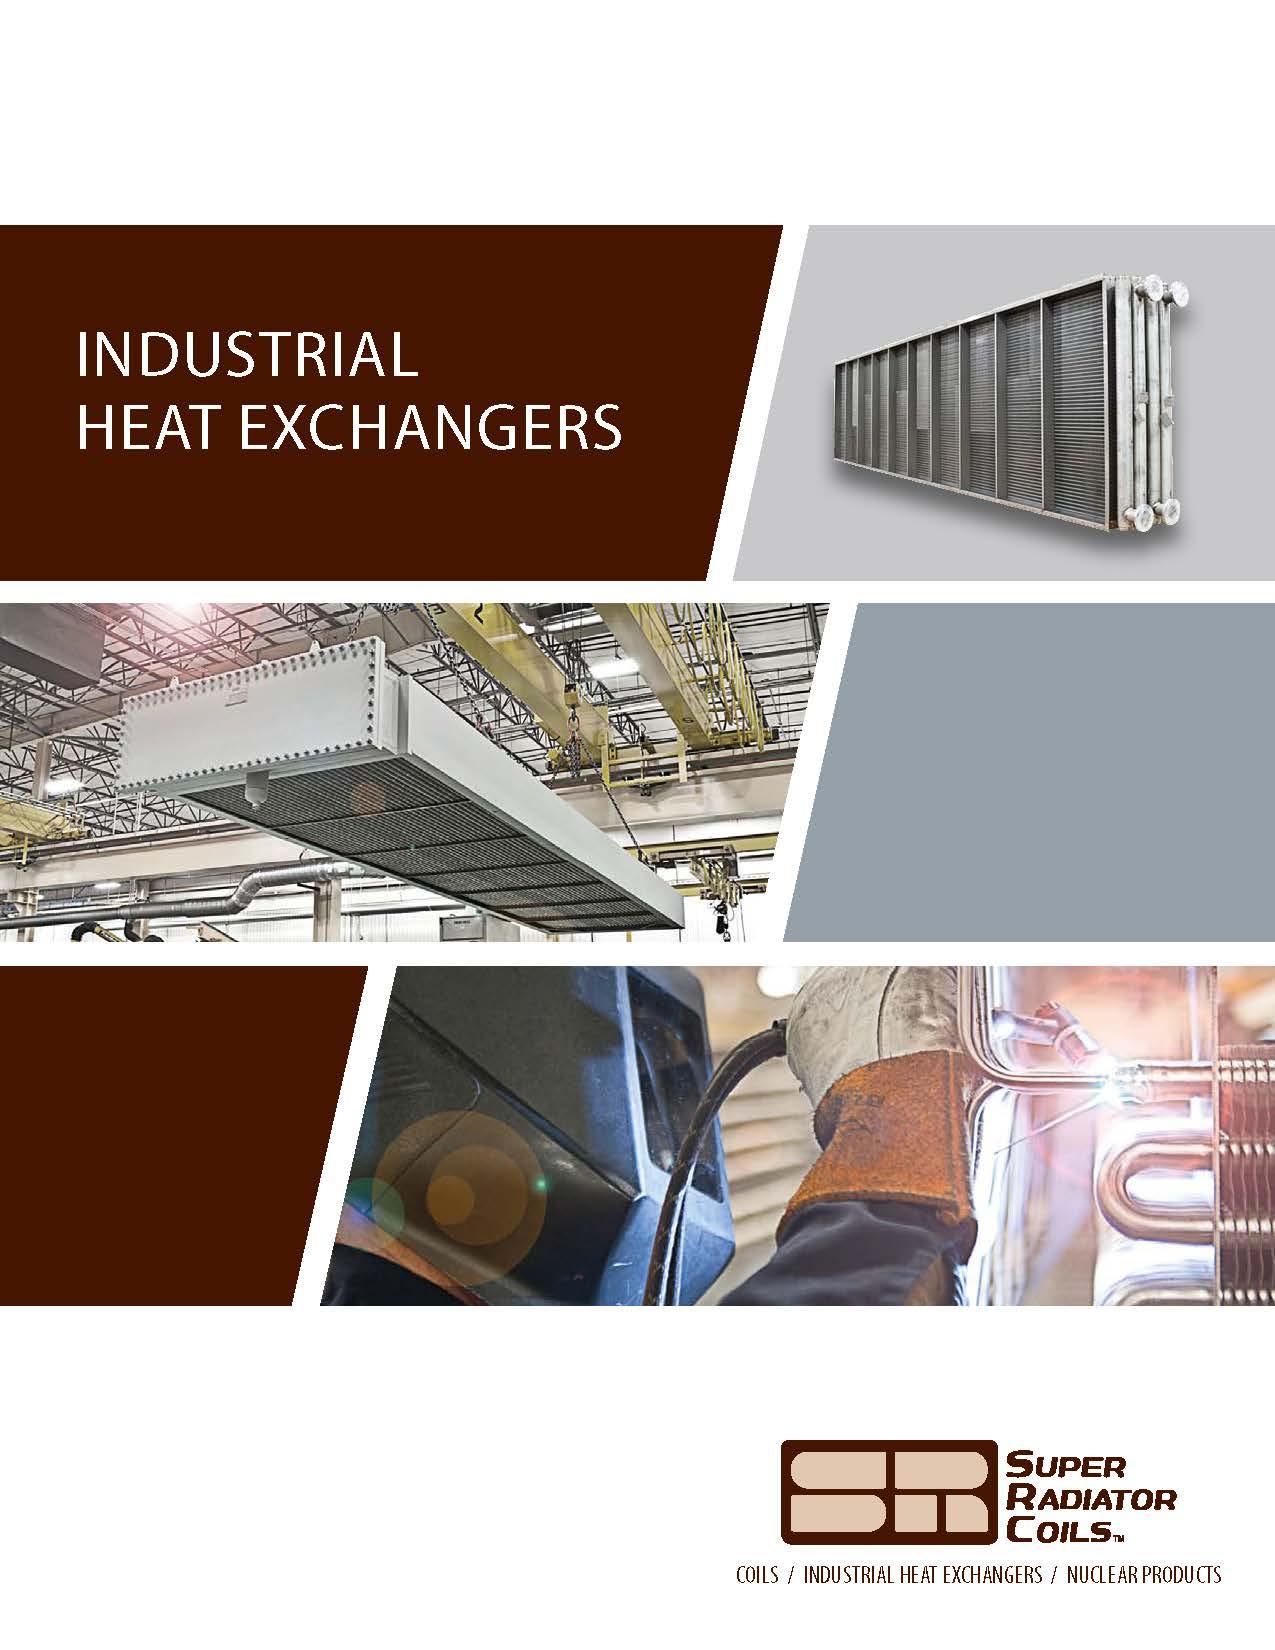 Industrial Heat Exchanger Brochure